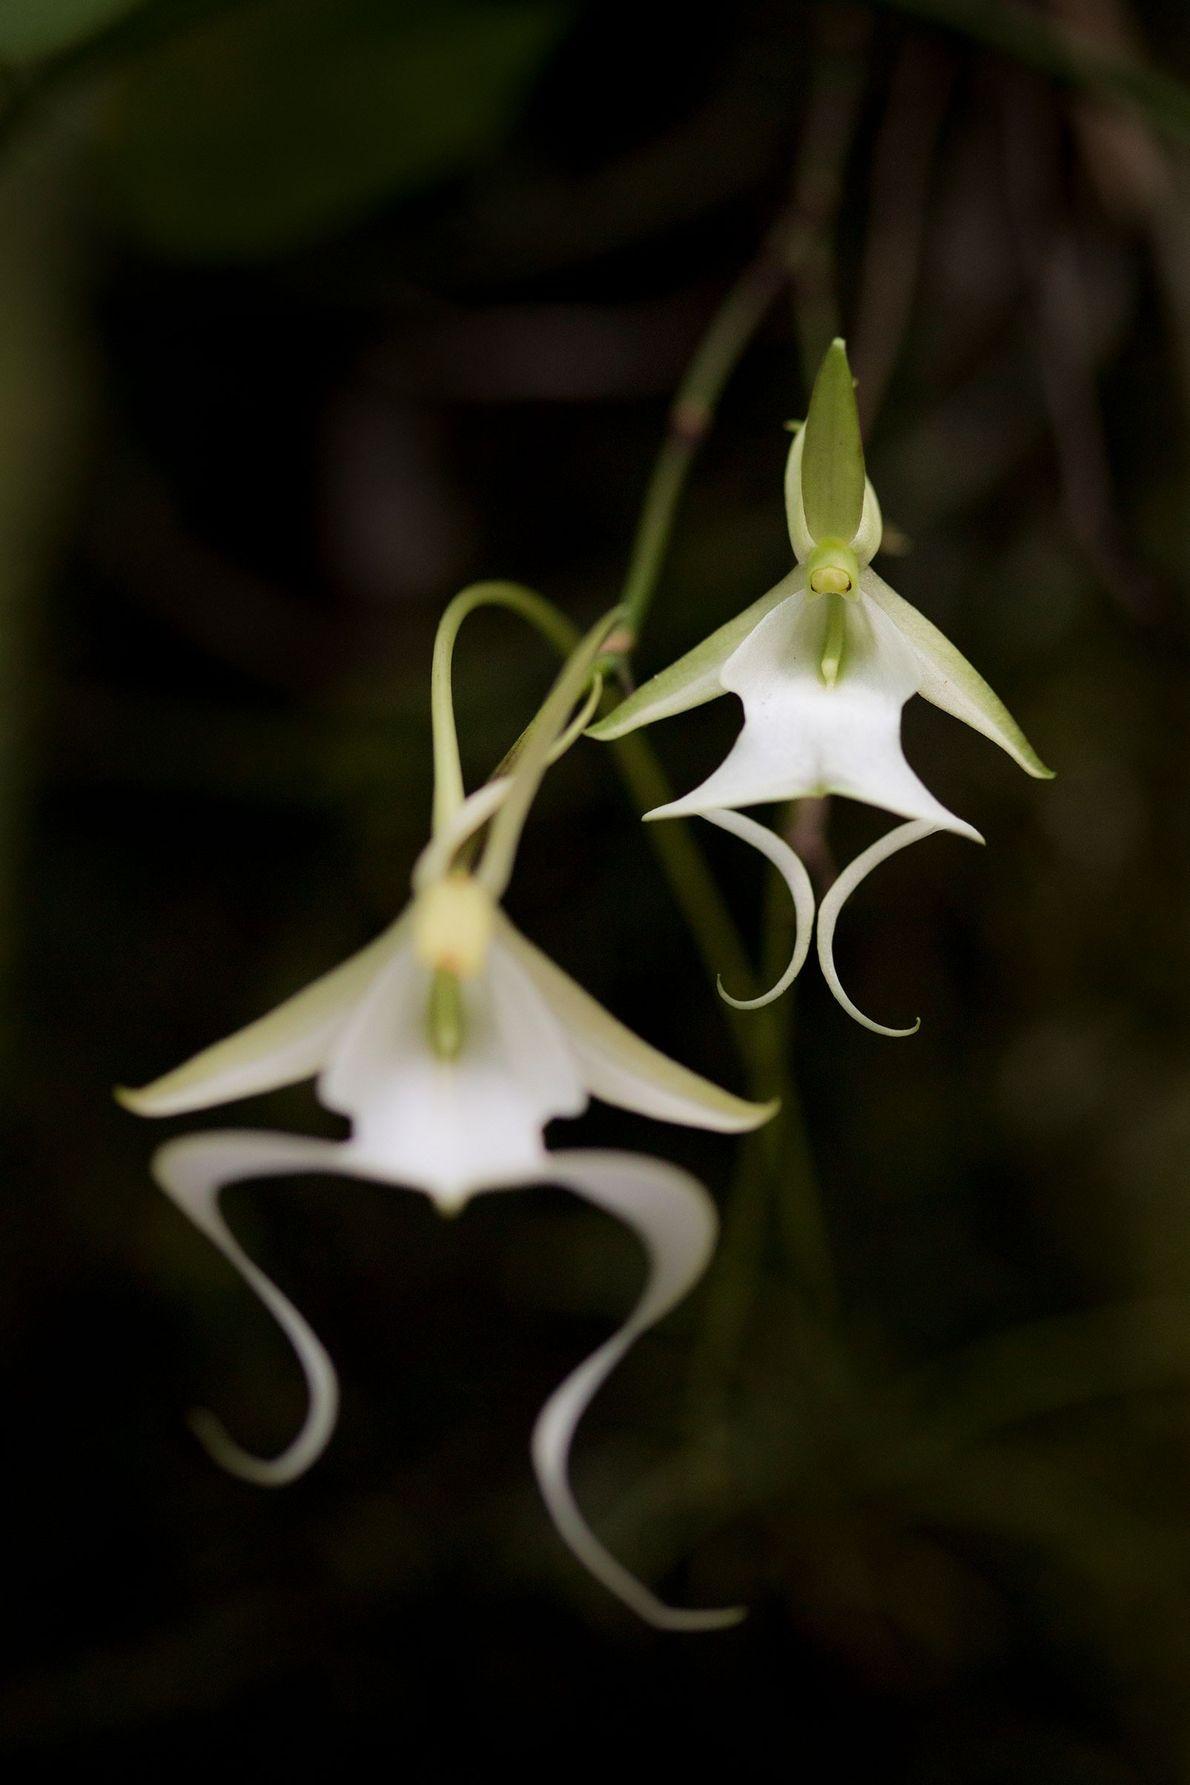 Los científicos buscan proteger a la extraña orquídea fantasma de Florida